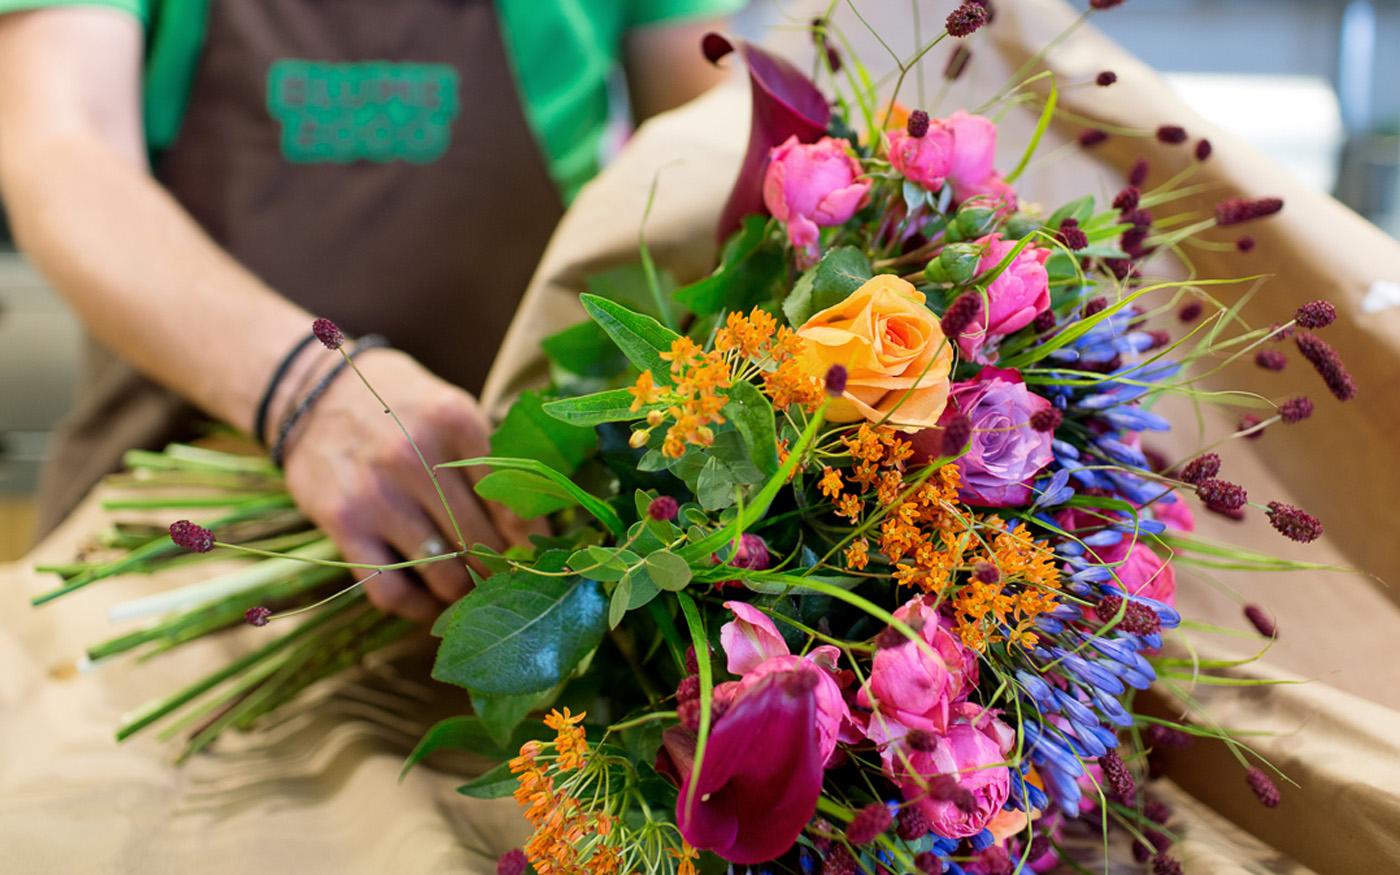 Blume 2000 Sindelfingen Breuningerland